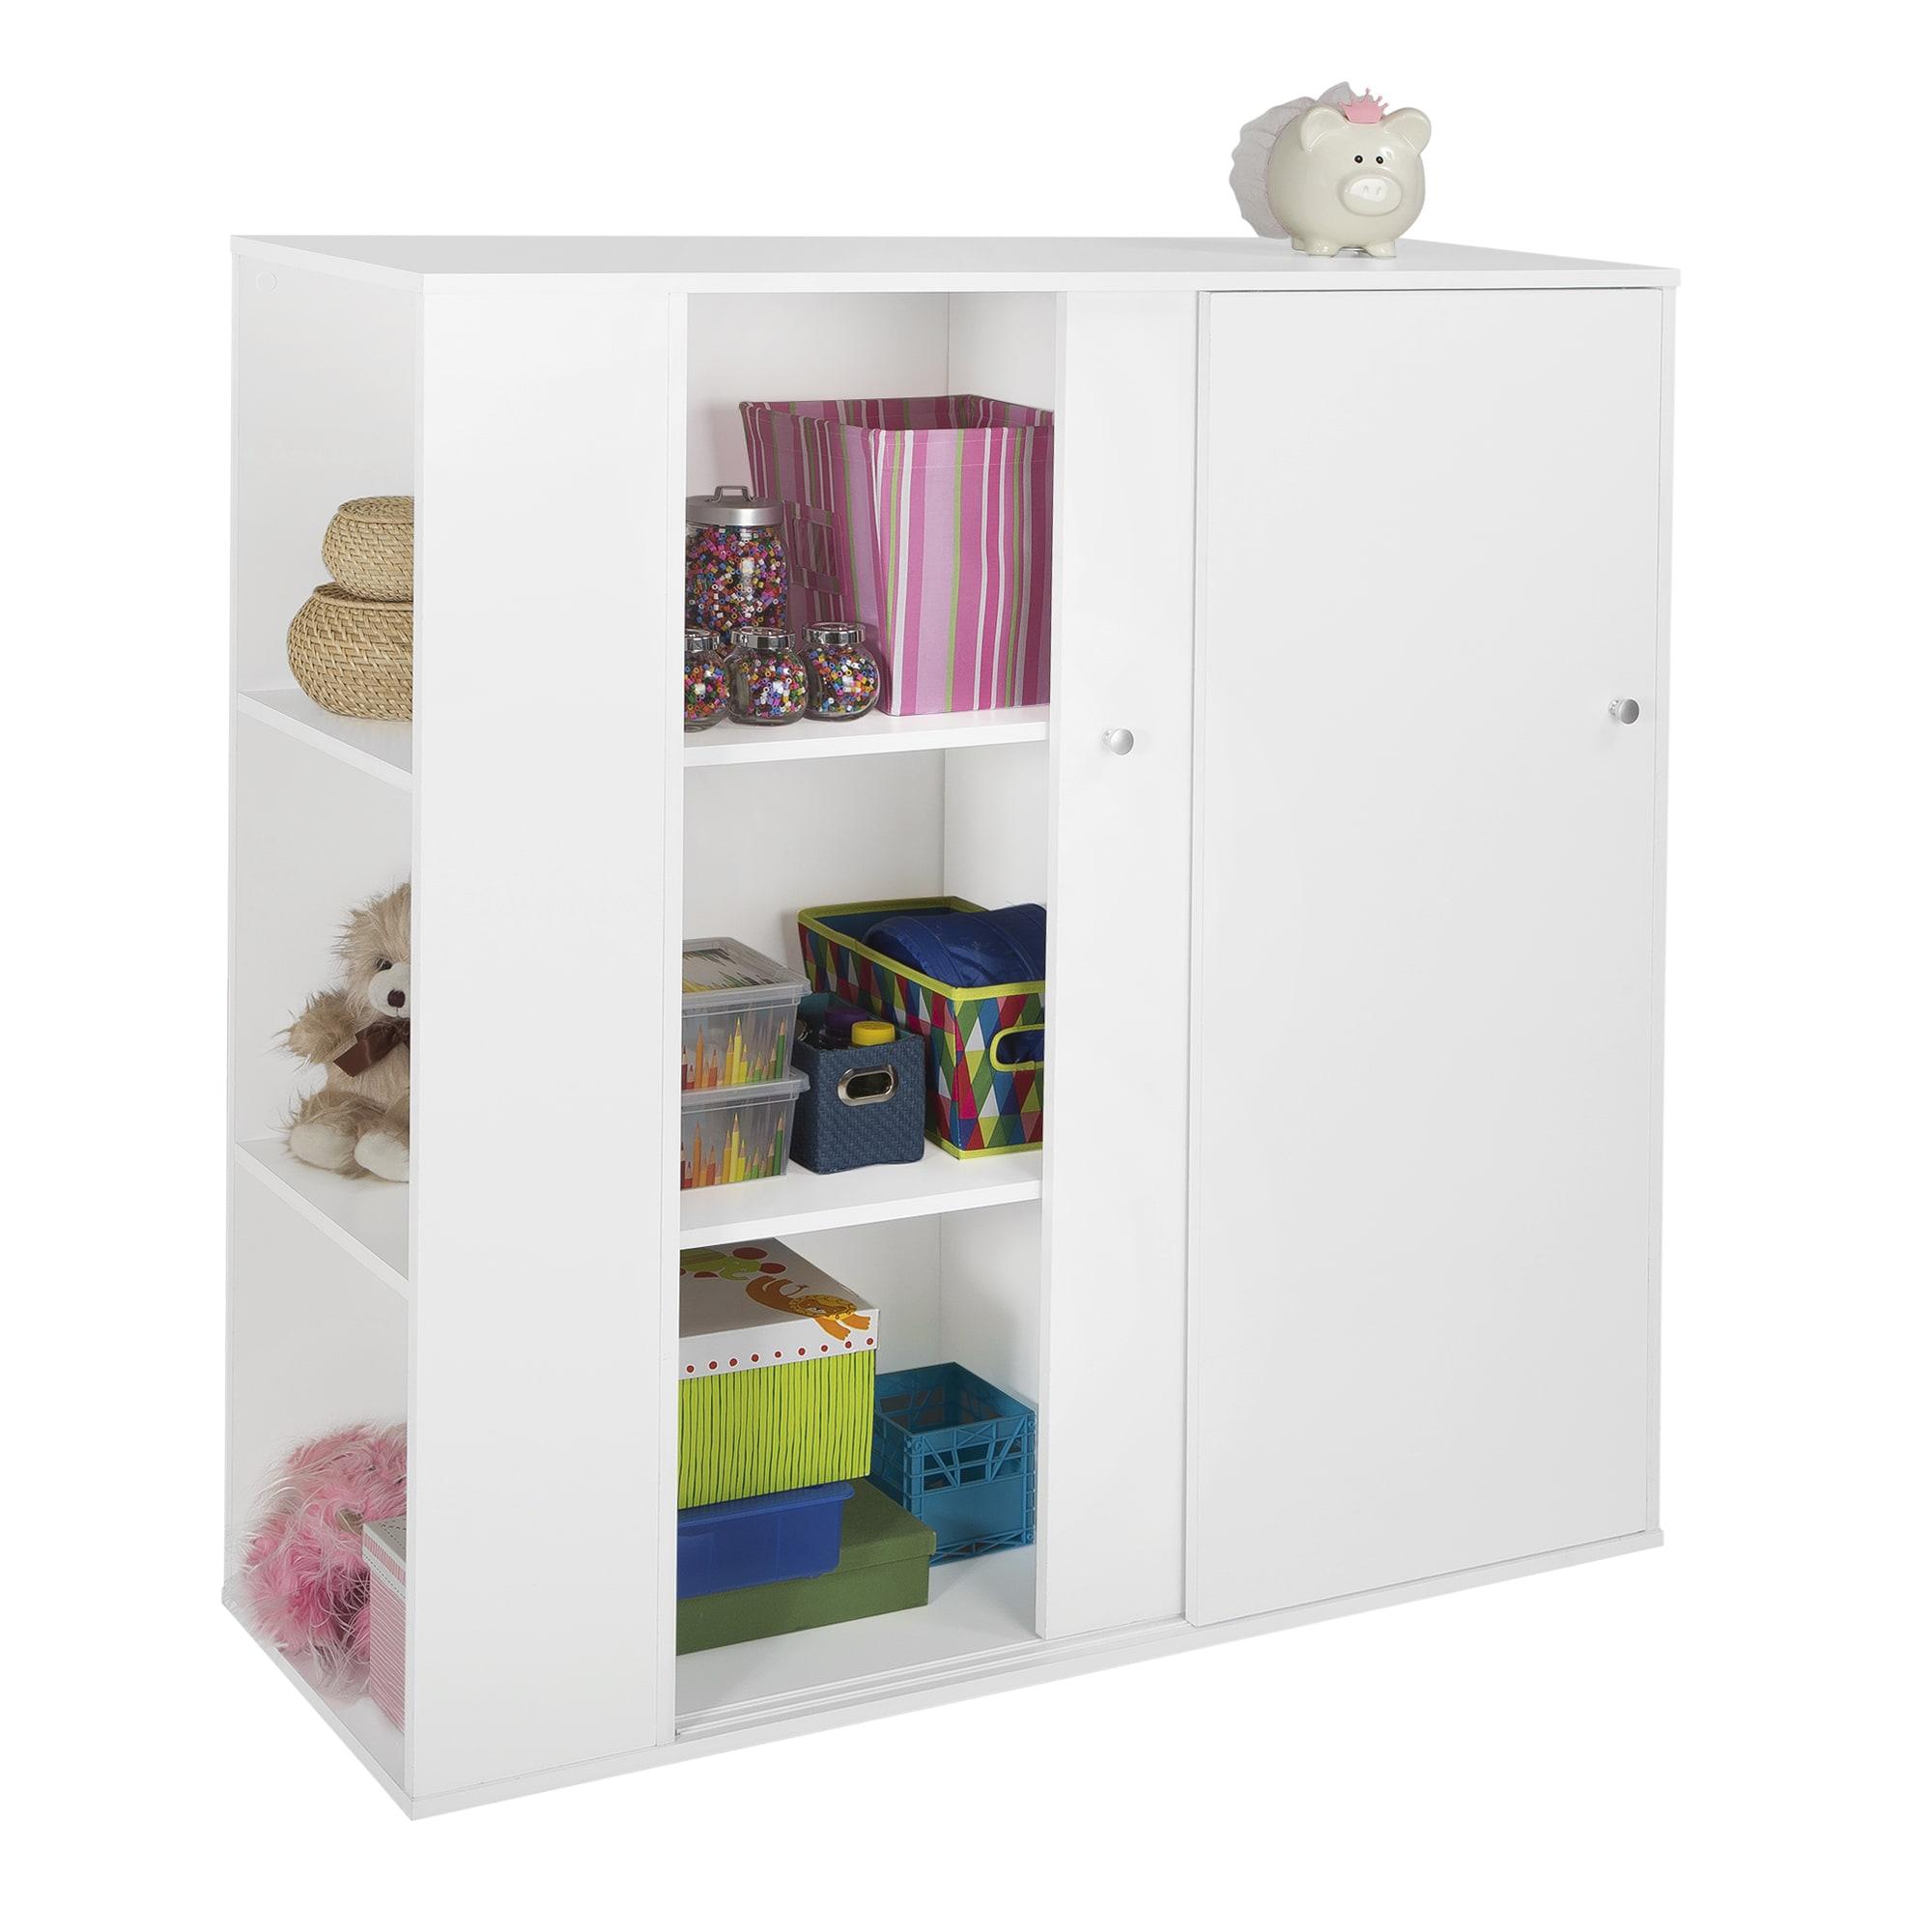 Shop South Shore Storit Pure White Sliding Door Kids Storage